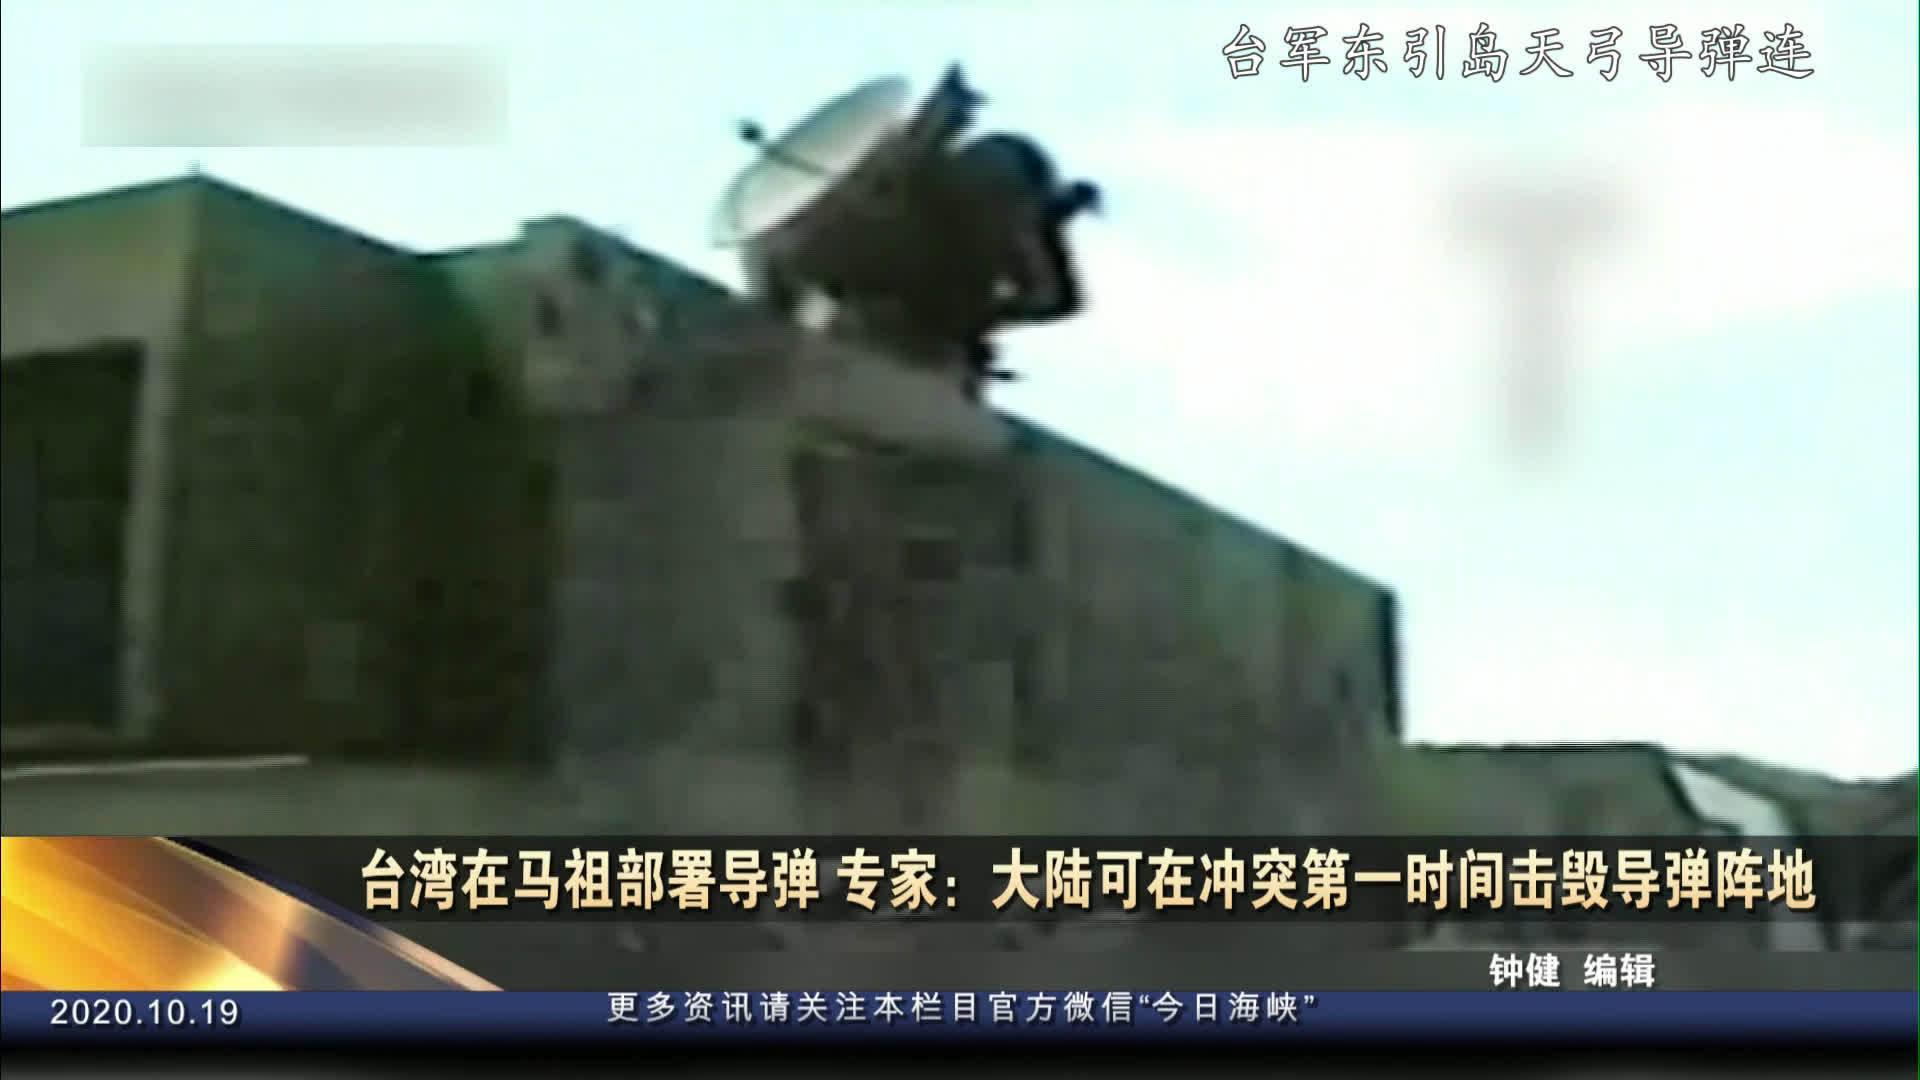 海峡焦点 | 台湾在马祖部署导弹